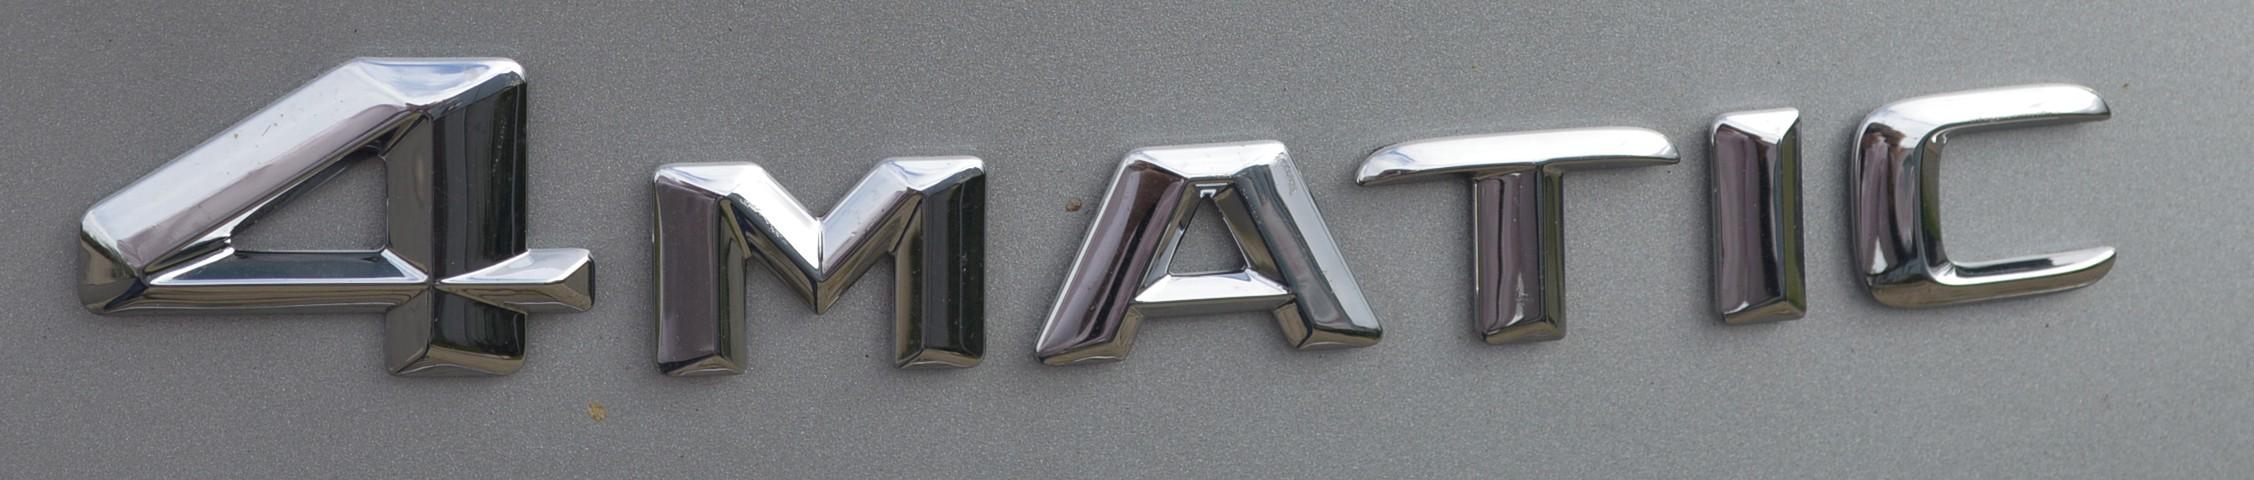 C250d 4Matic (9)